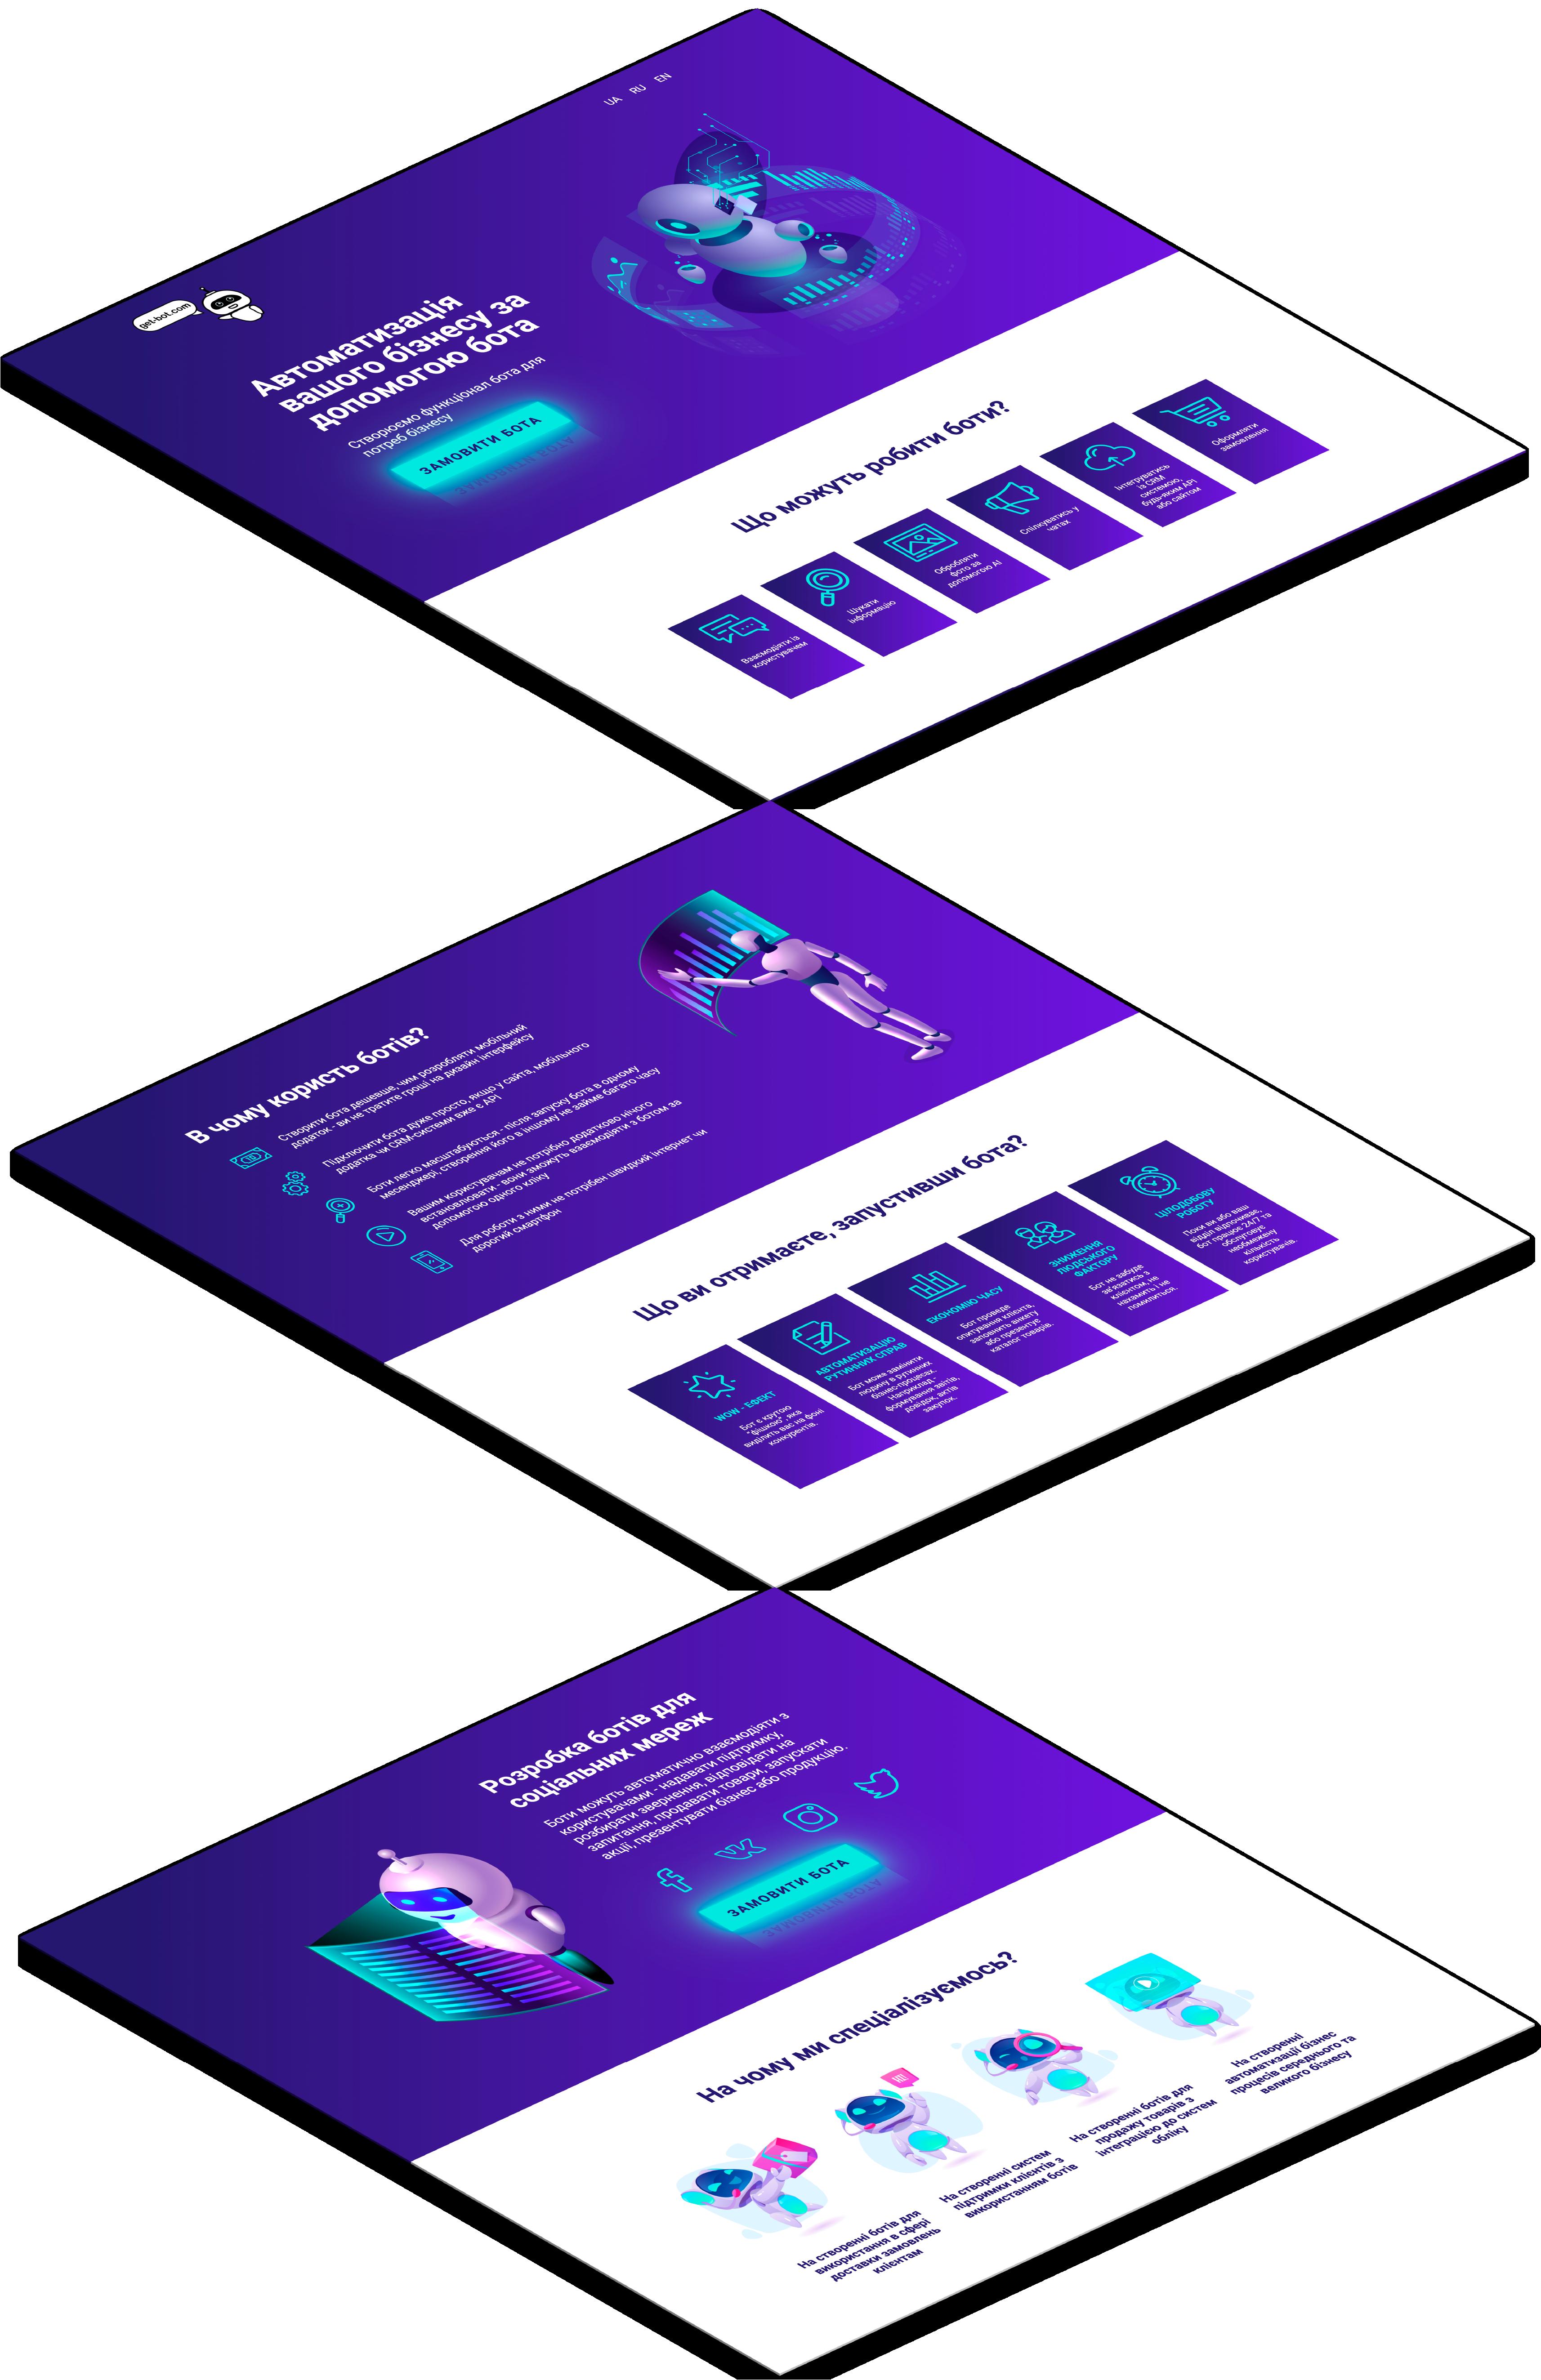 Фото Что было выполнено: – Яркий дизайн лендинга по разработке и внедрению ботов; – Дизайн 404 страницы; – Адаптивная и кроссбраузерная верстка сайта; – Подключение различних библиотек и настройка анимации;